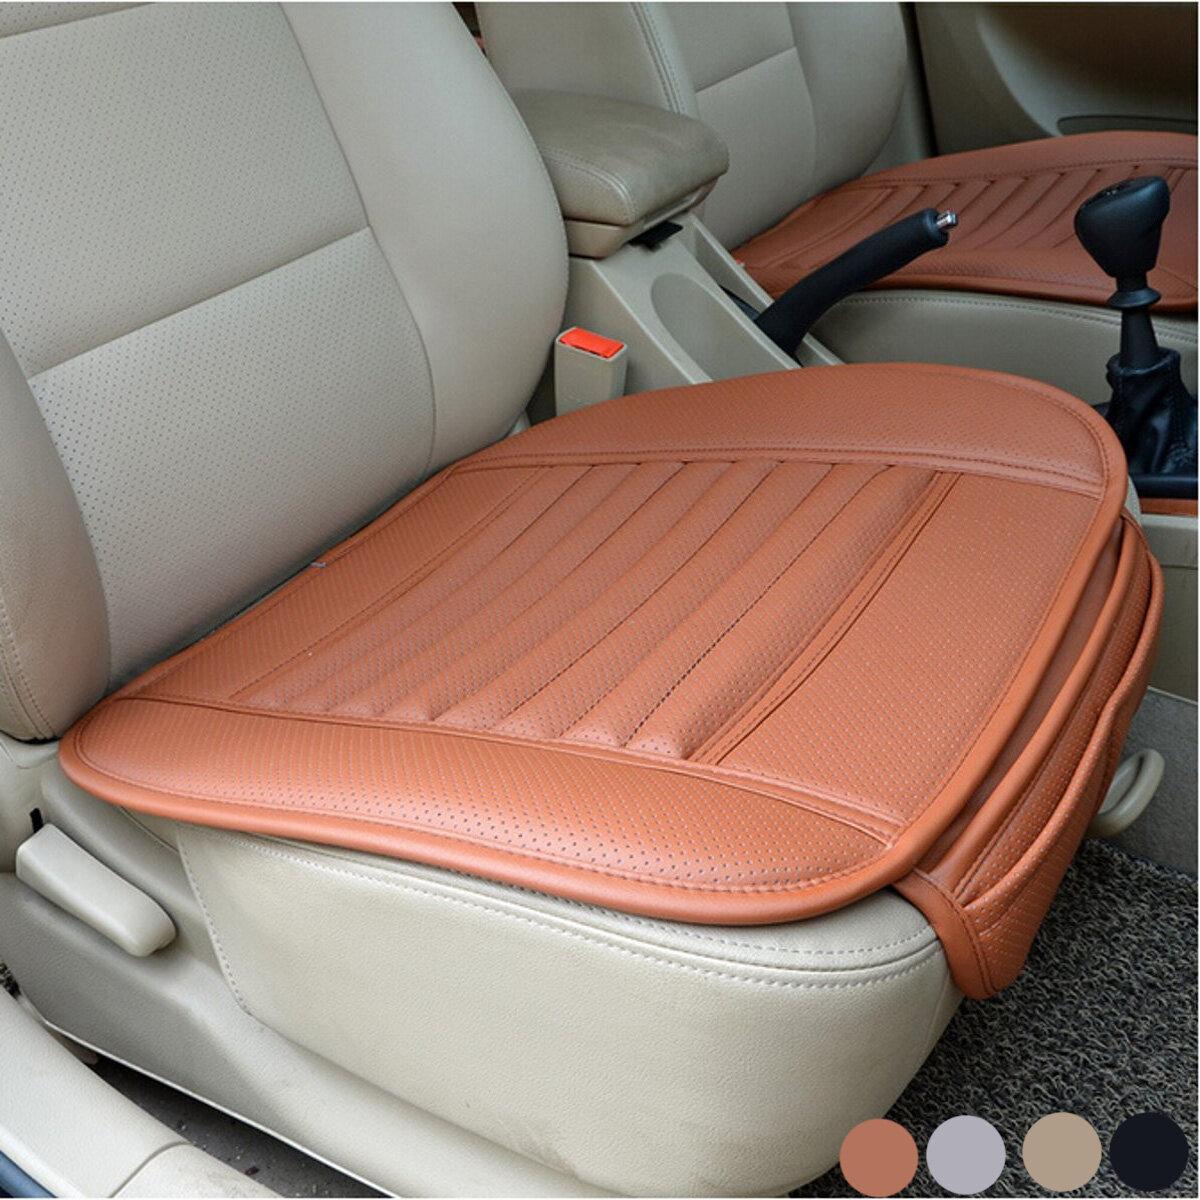 universal seat pad pu leather bamboo charcoal